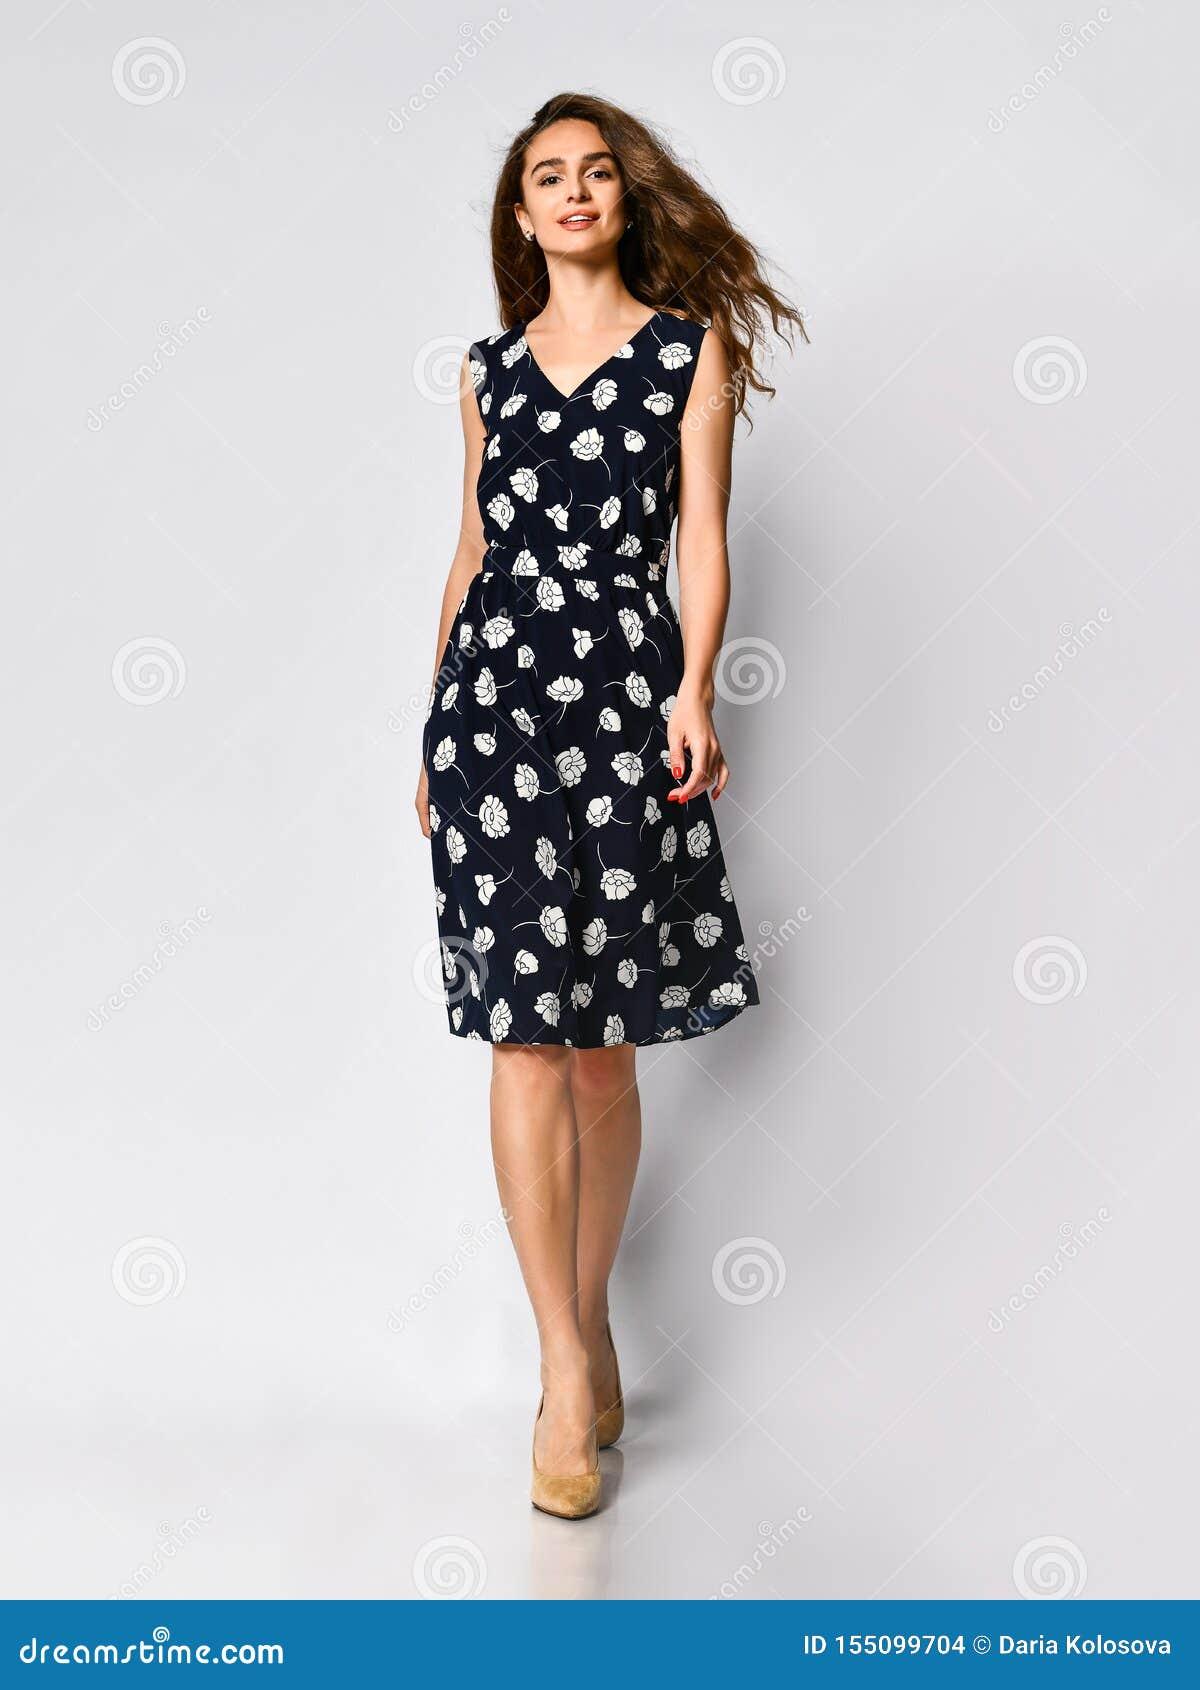 девушка модель для каталога одежды